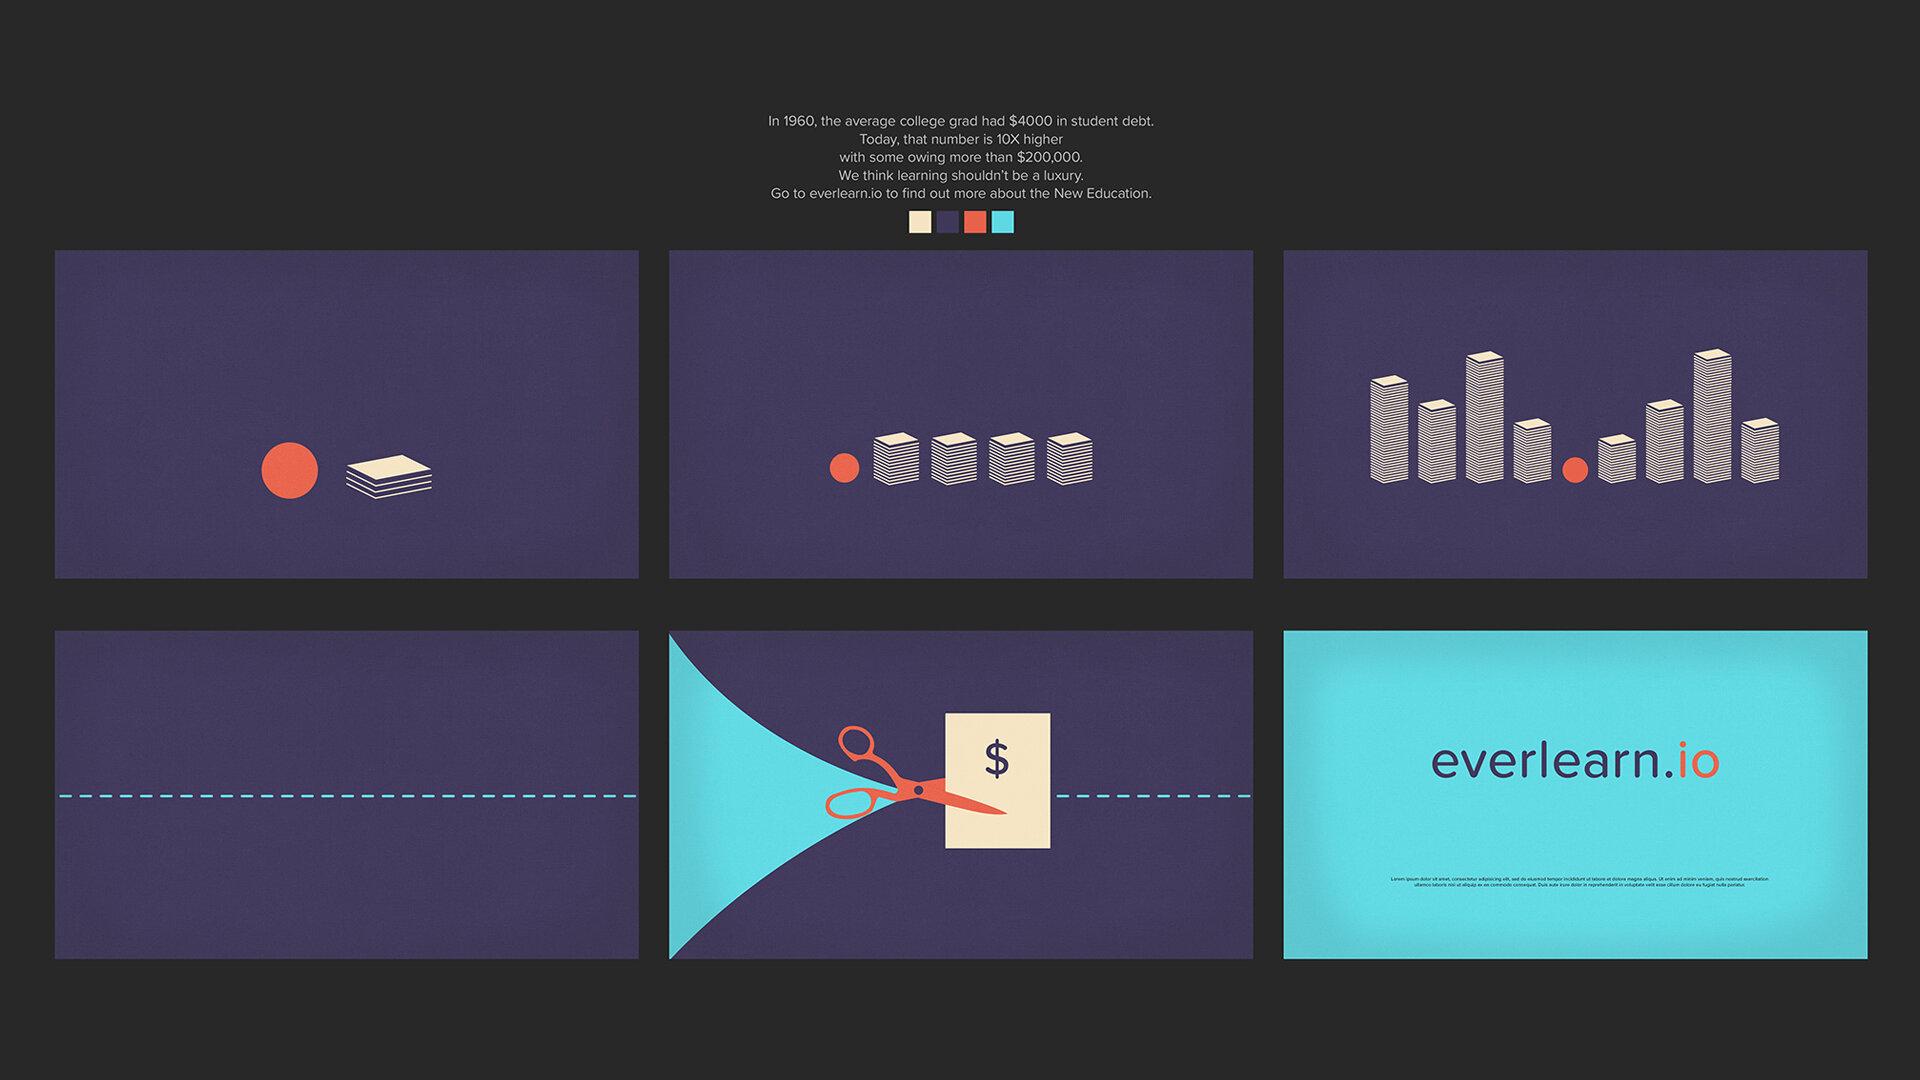 Everlearn.io – Explainer Video / Visual Essay